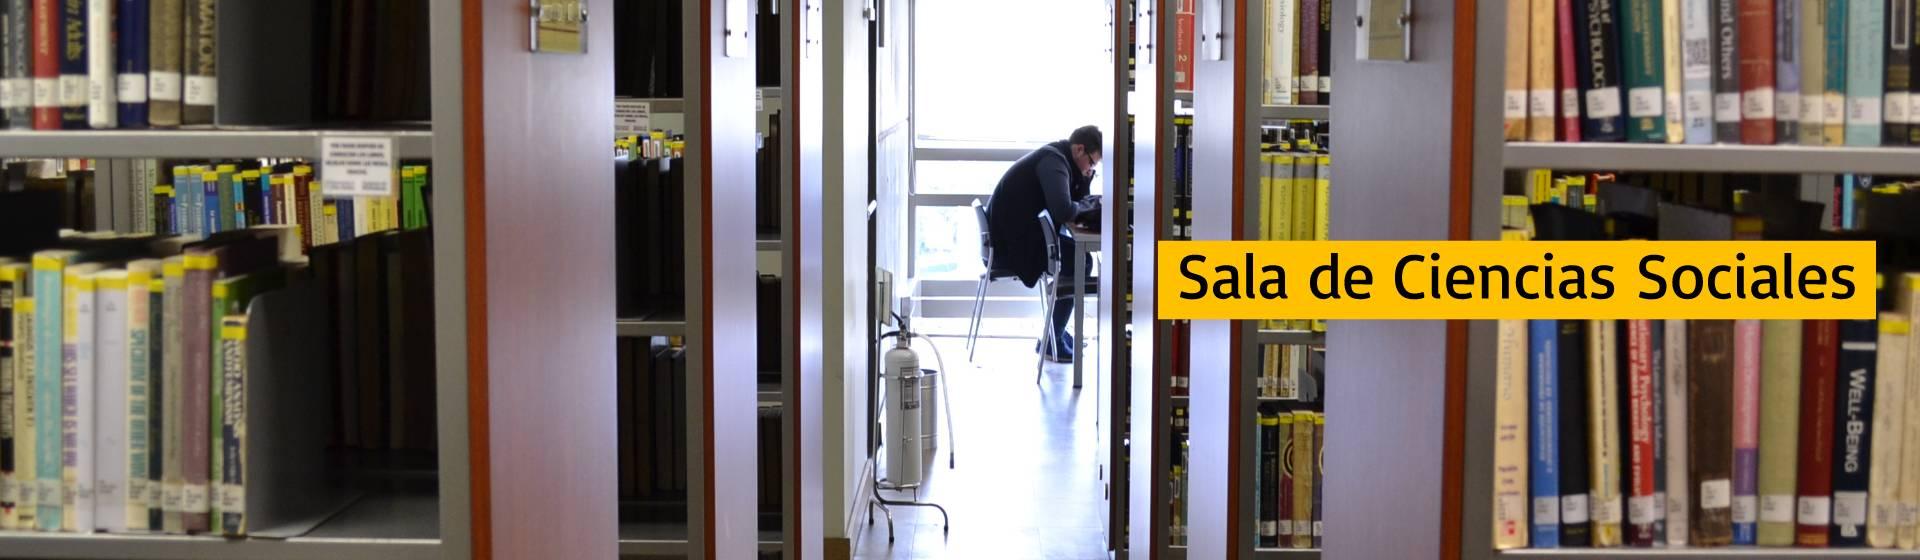 Sala de Ciencias Sociales | Uniandes